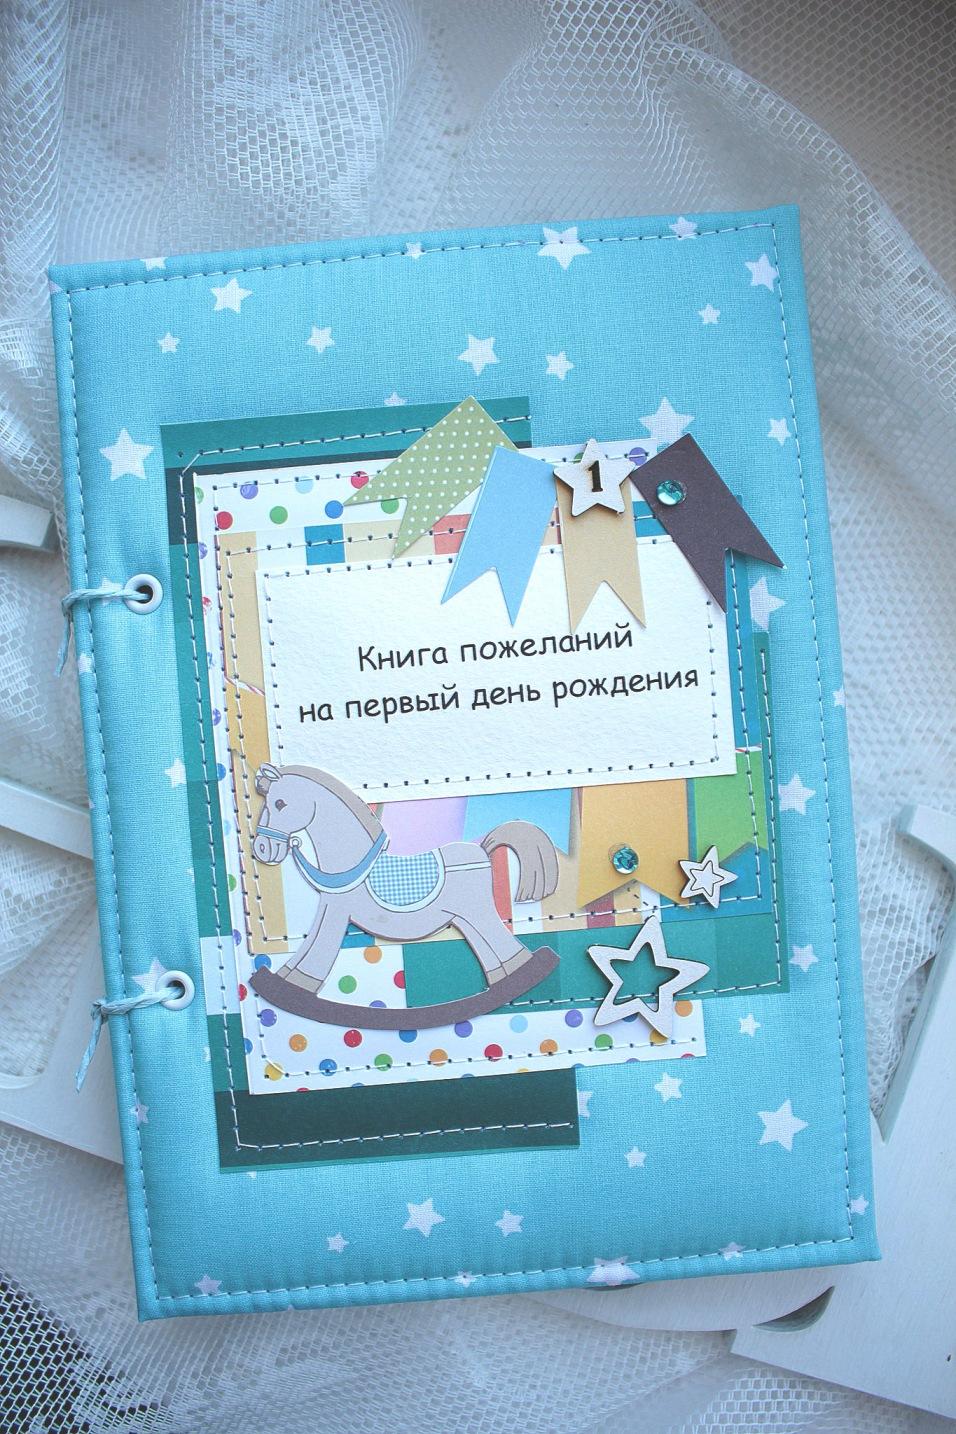 Книга пожеланий на день рождения своими руками фото